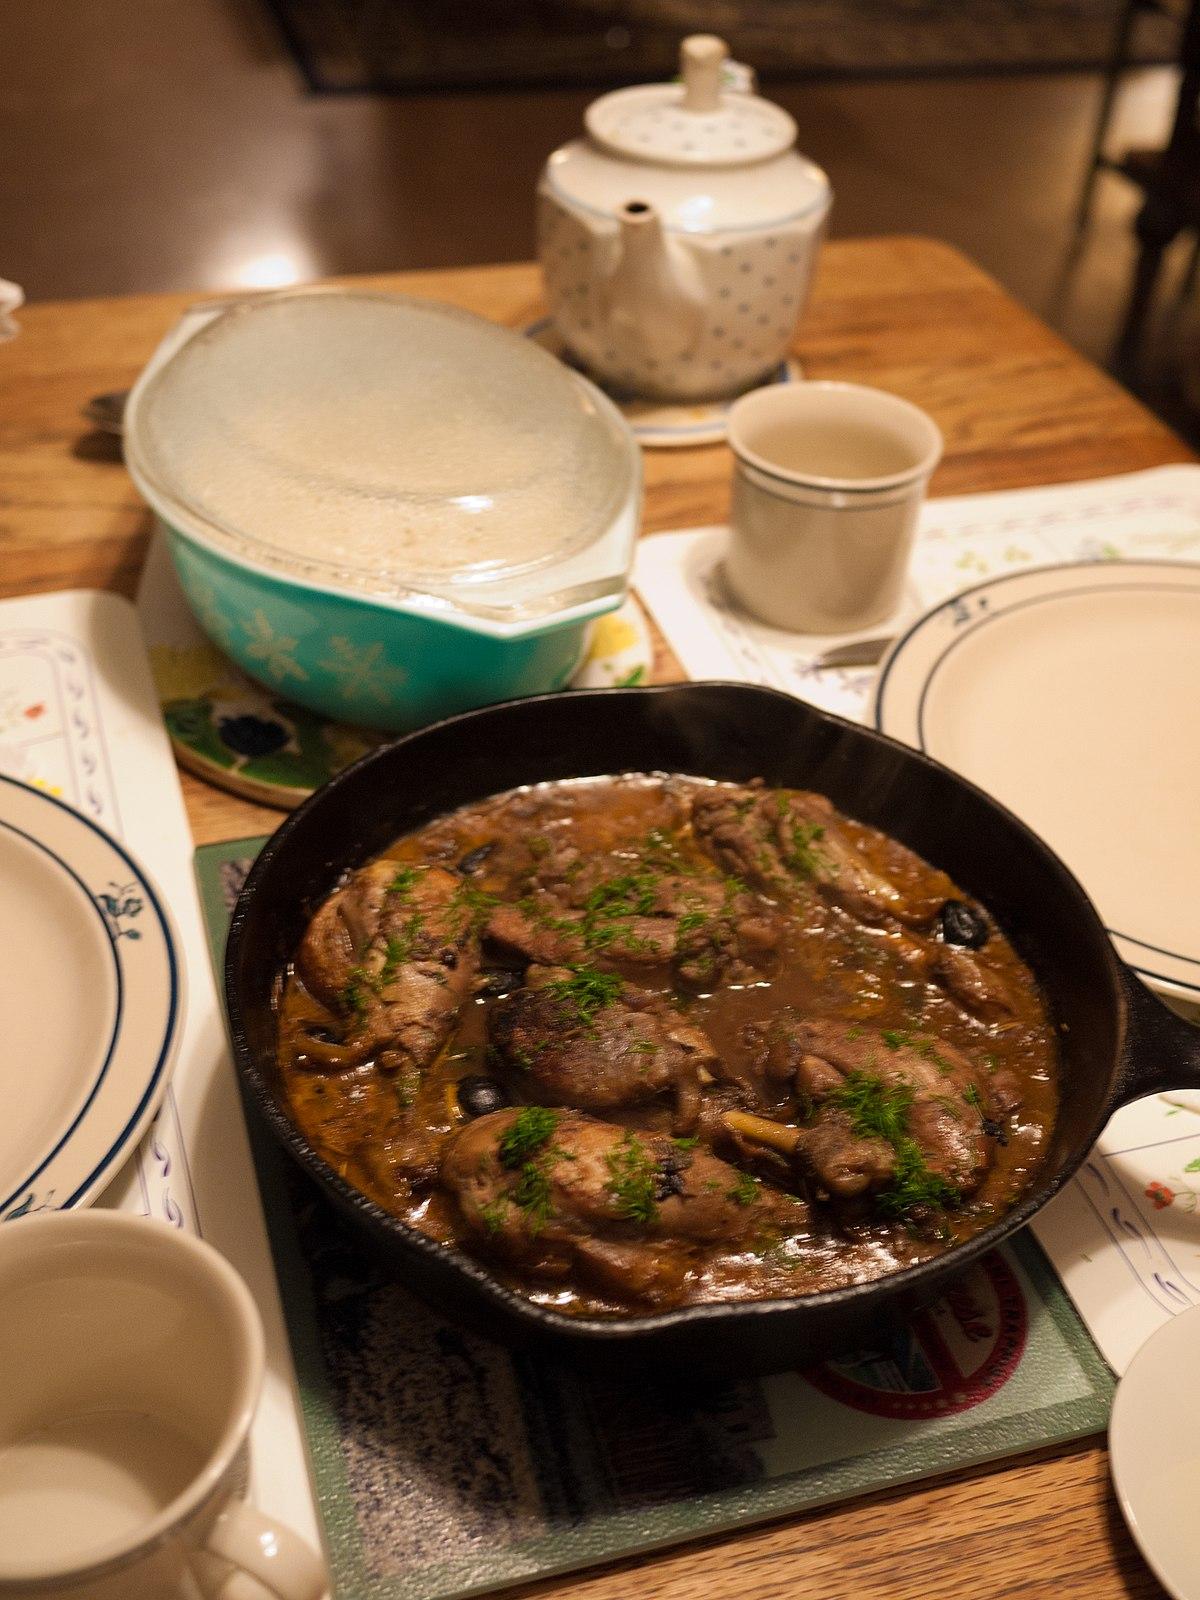 Poulet marengo wikip dia - Poulet marengo recette ...